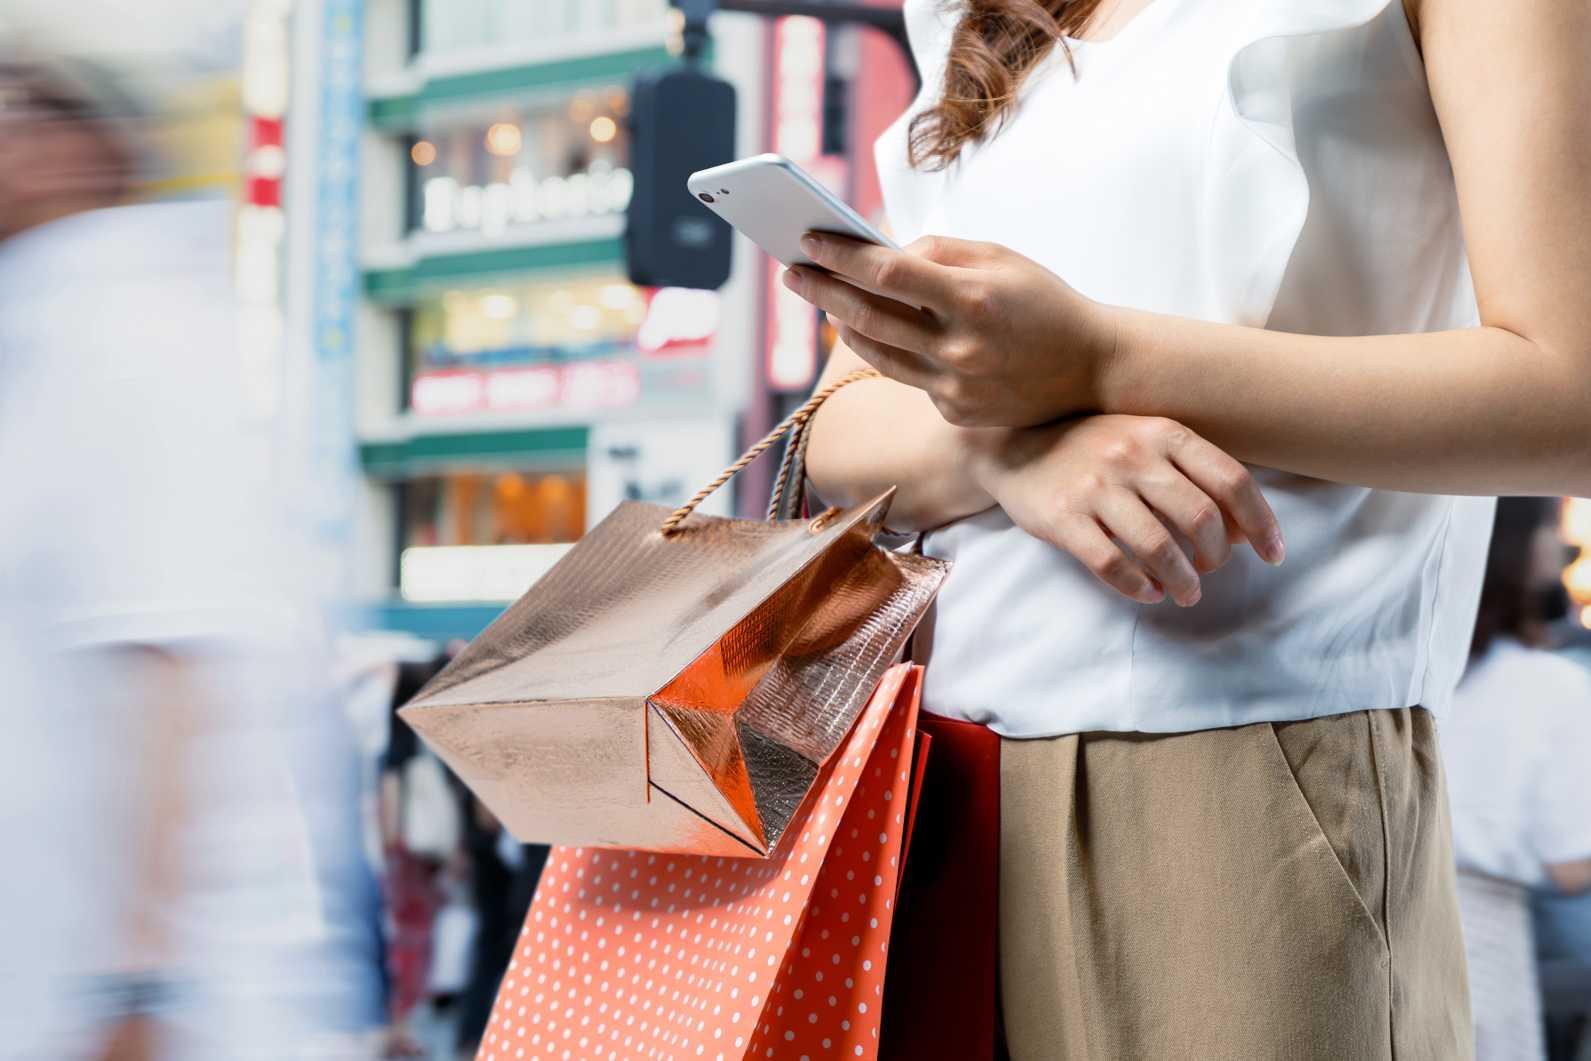 M&Aによるブランド強化 ブランドを譲受けるM&Aが盛んな背景とブランドの価値